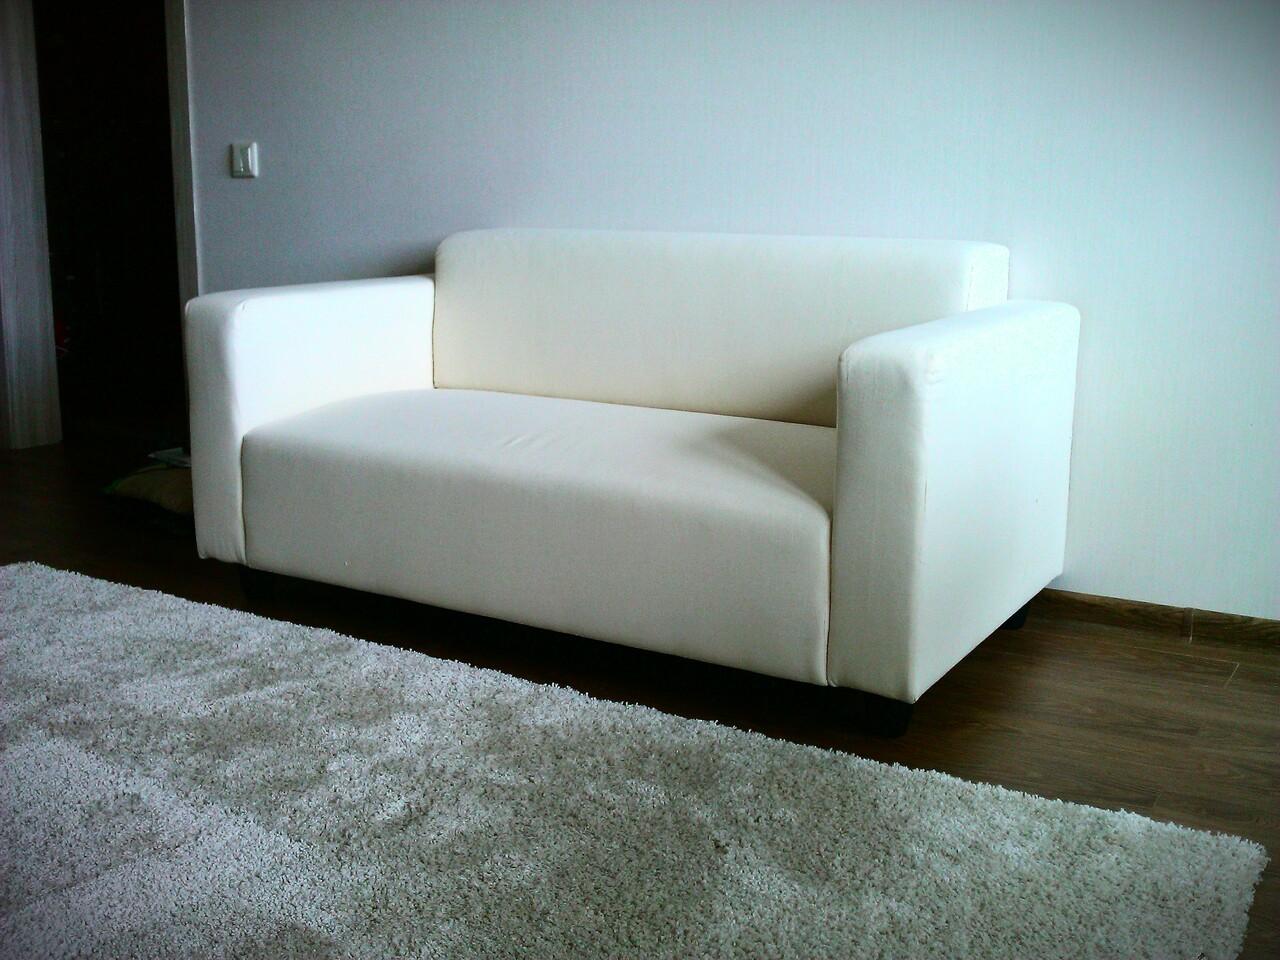 приму в дар или очень дешево куплю маленький диван форумы